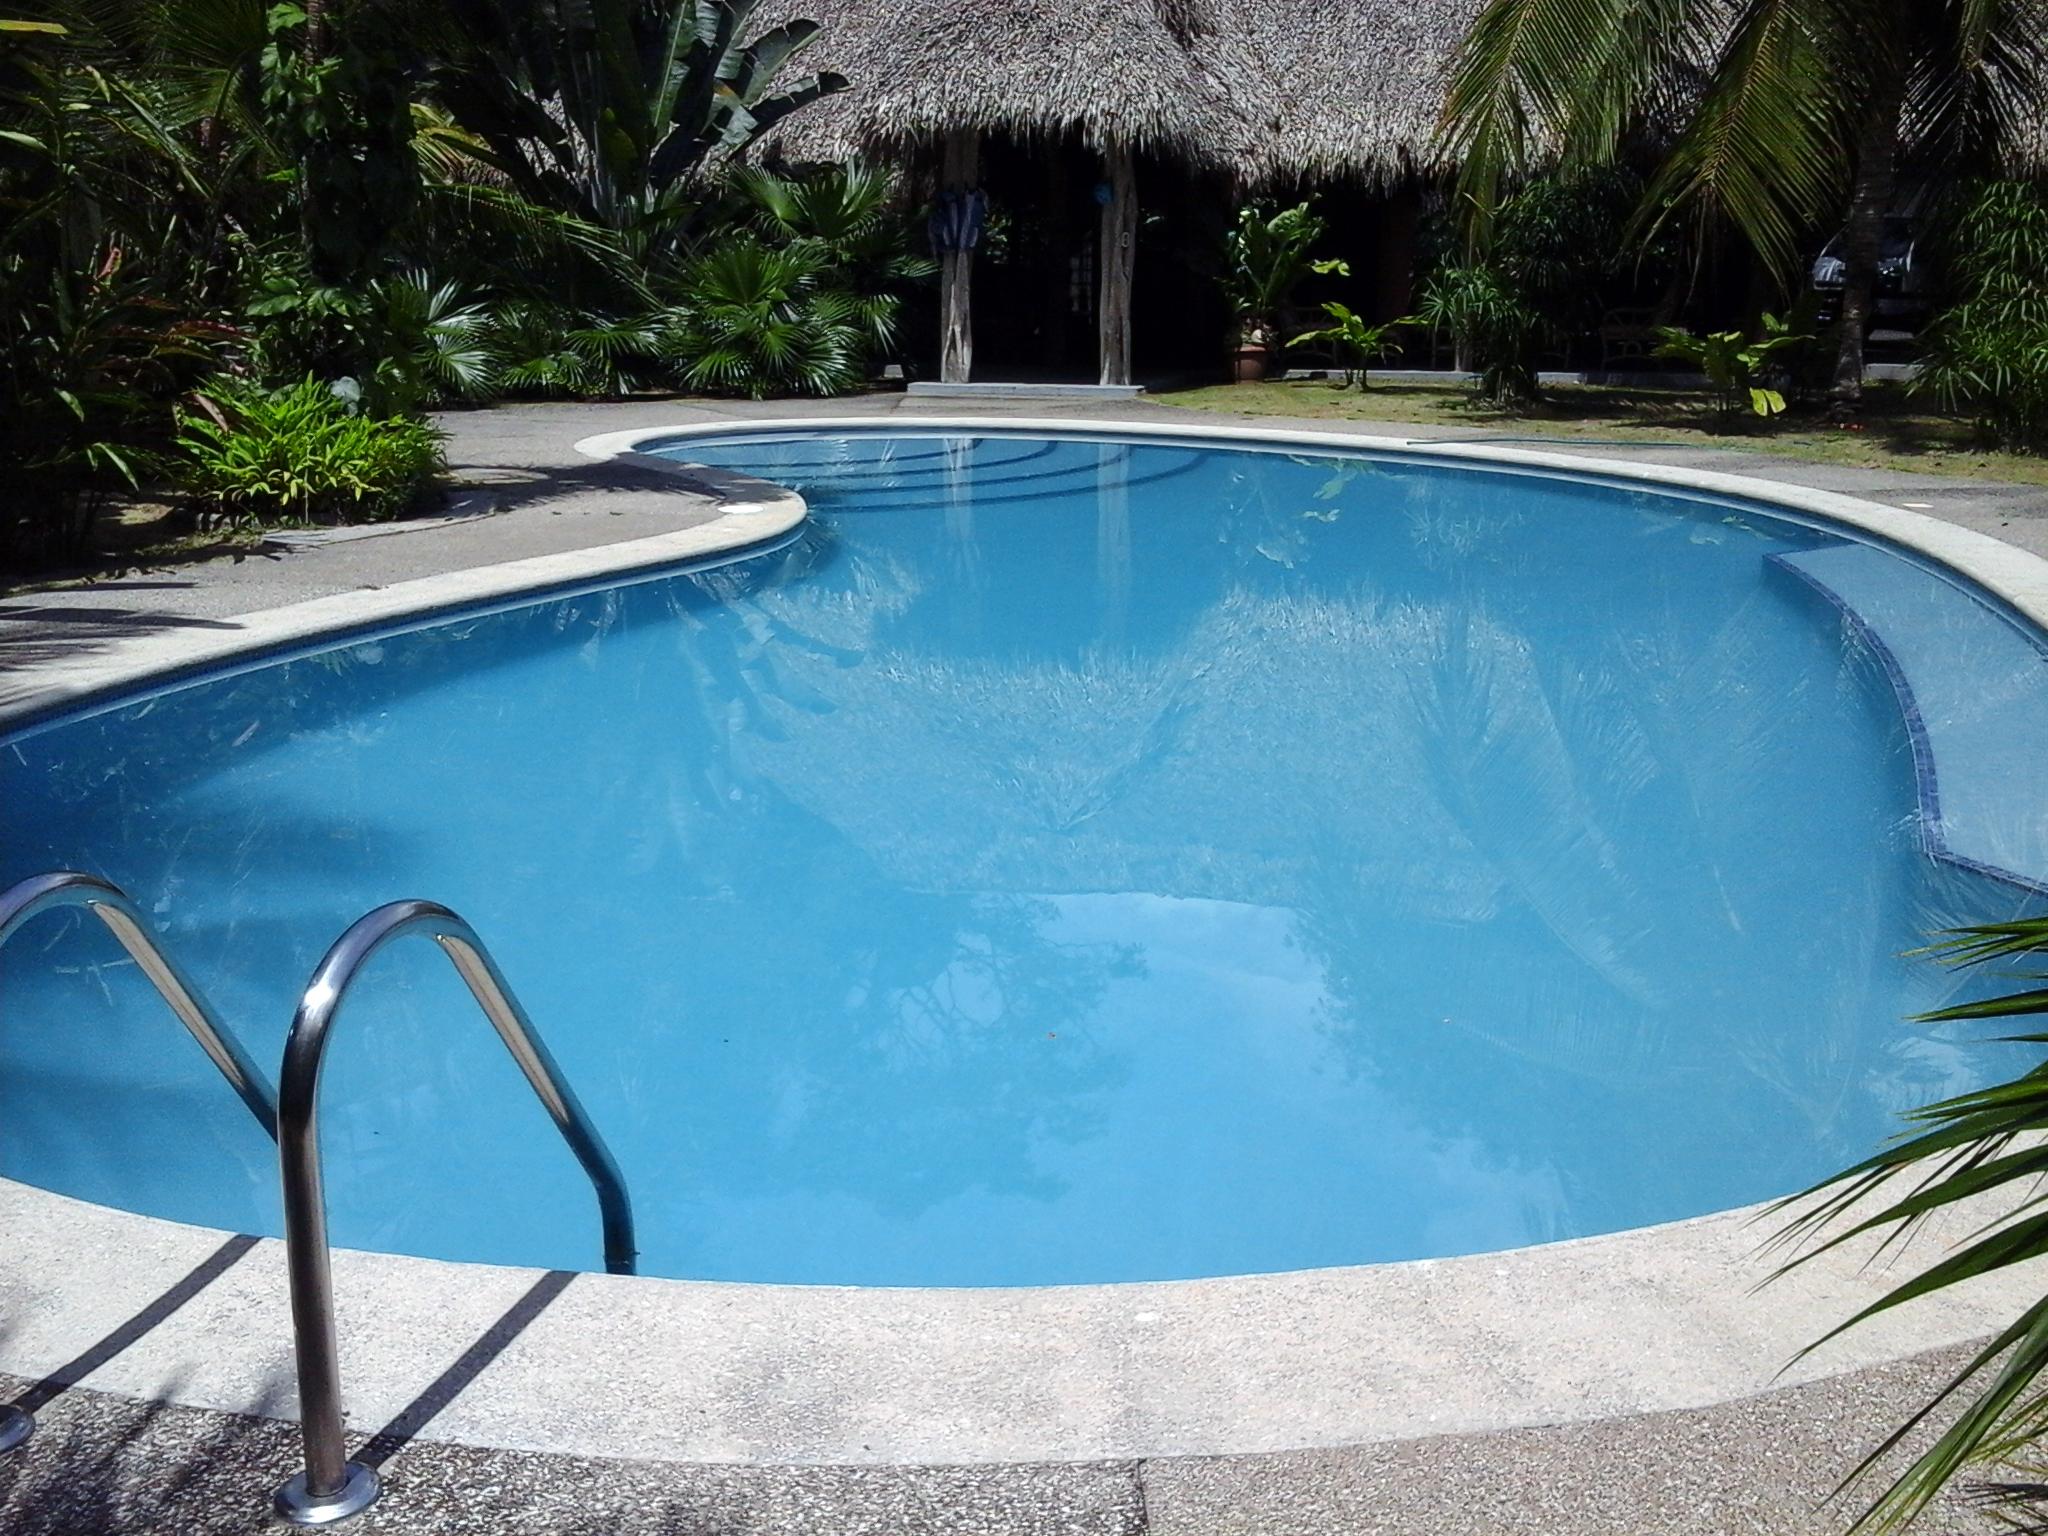 Est s pensando en comprar una piscina piscinas costa - Vidrio filtrante para piscinas ...